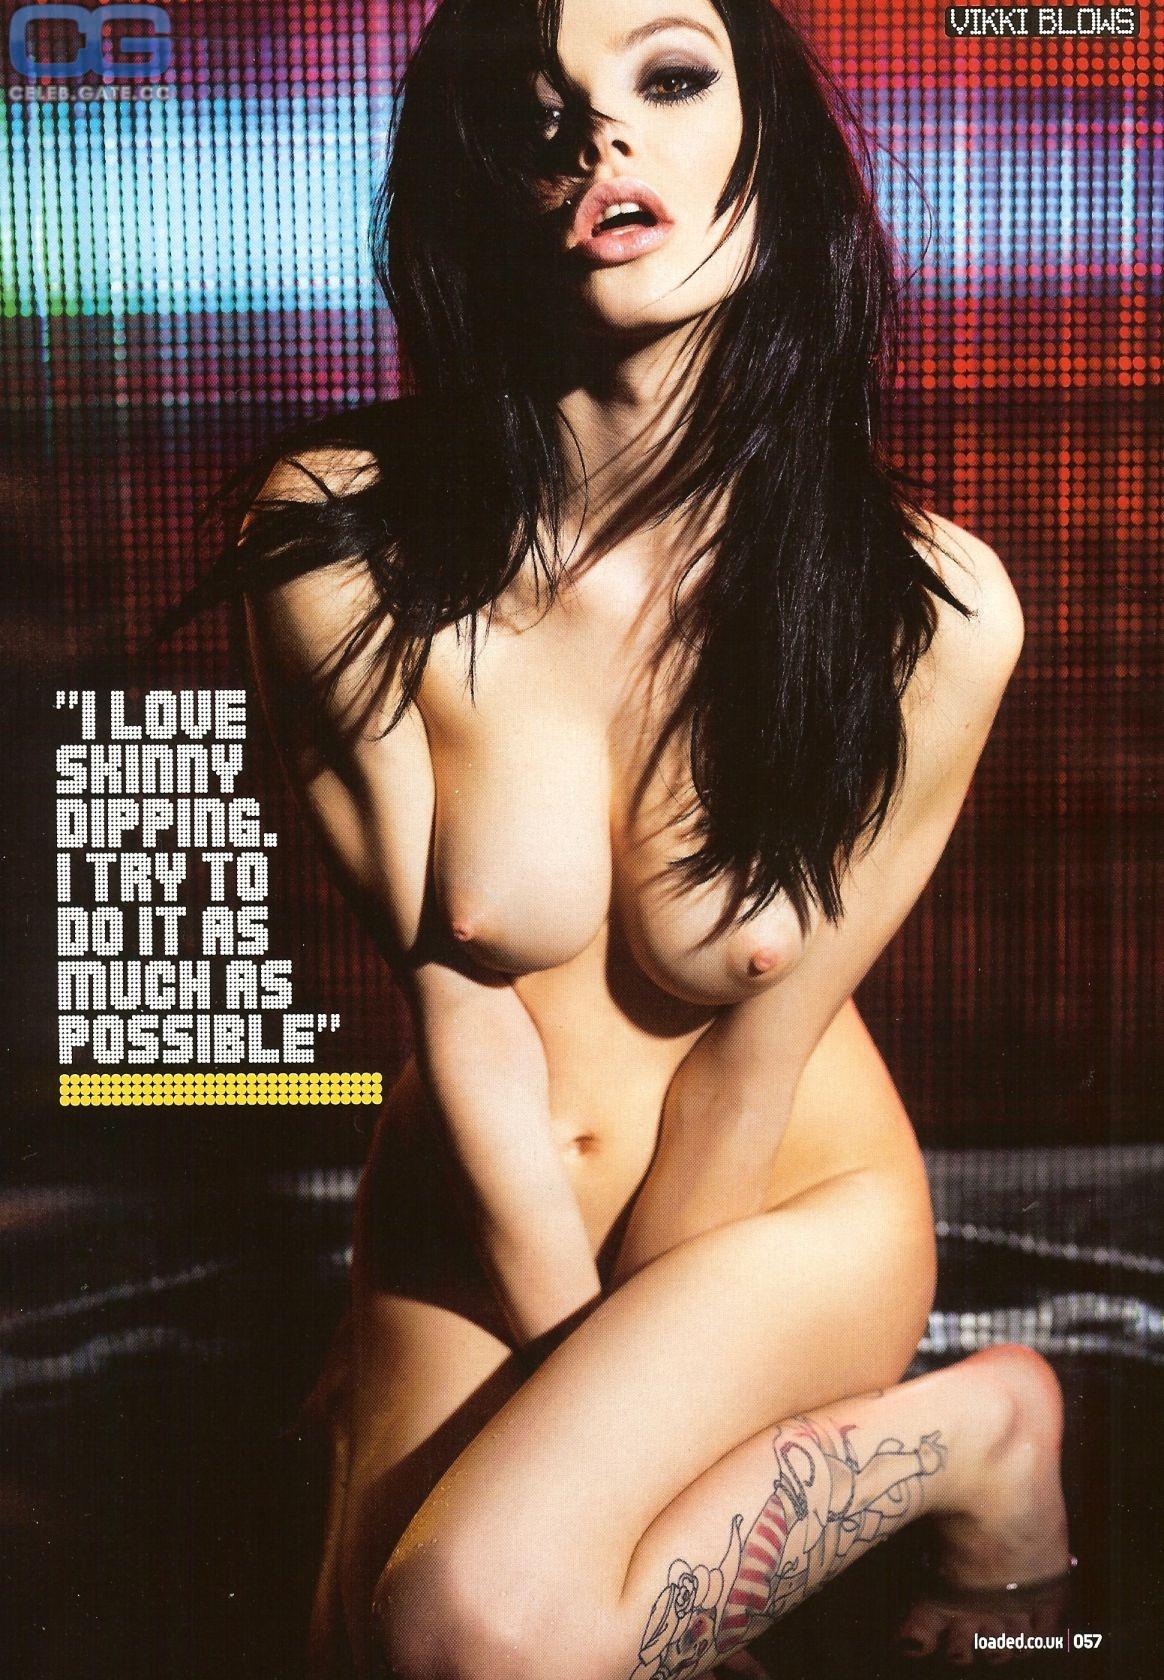 vikki-blows-ass-crack-lil-cute-nudes-girls